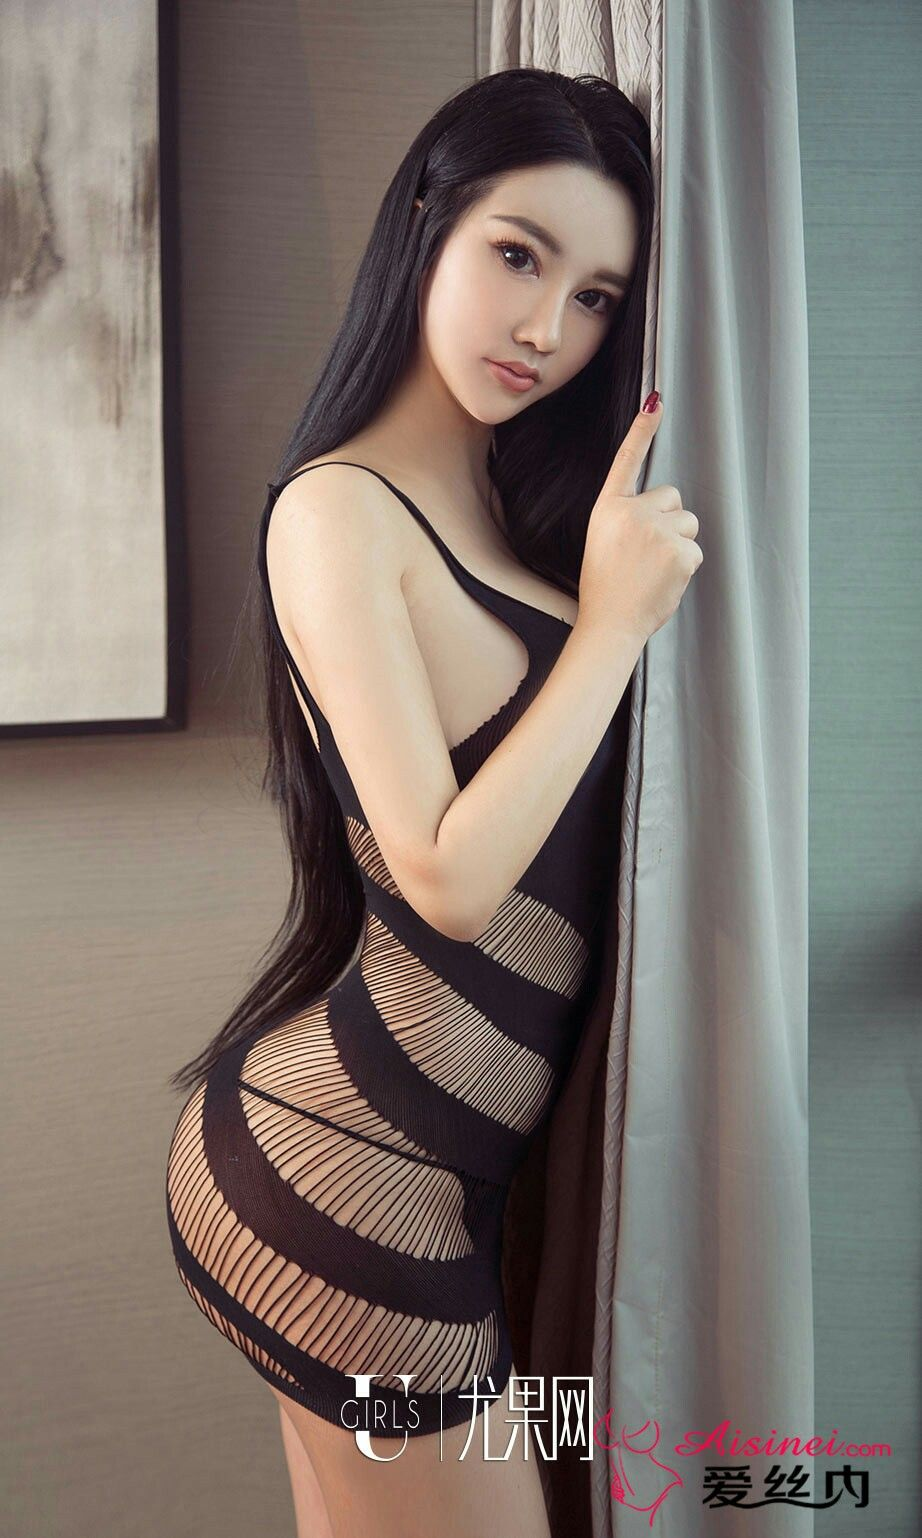 Sexy pics of sara santos nude